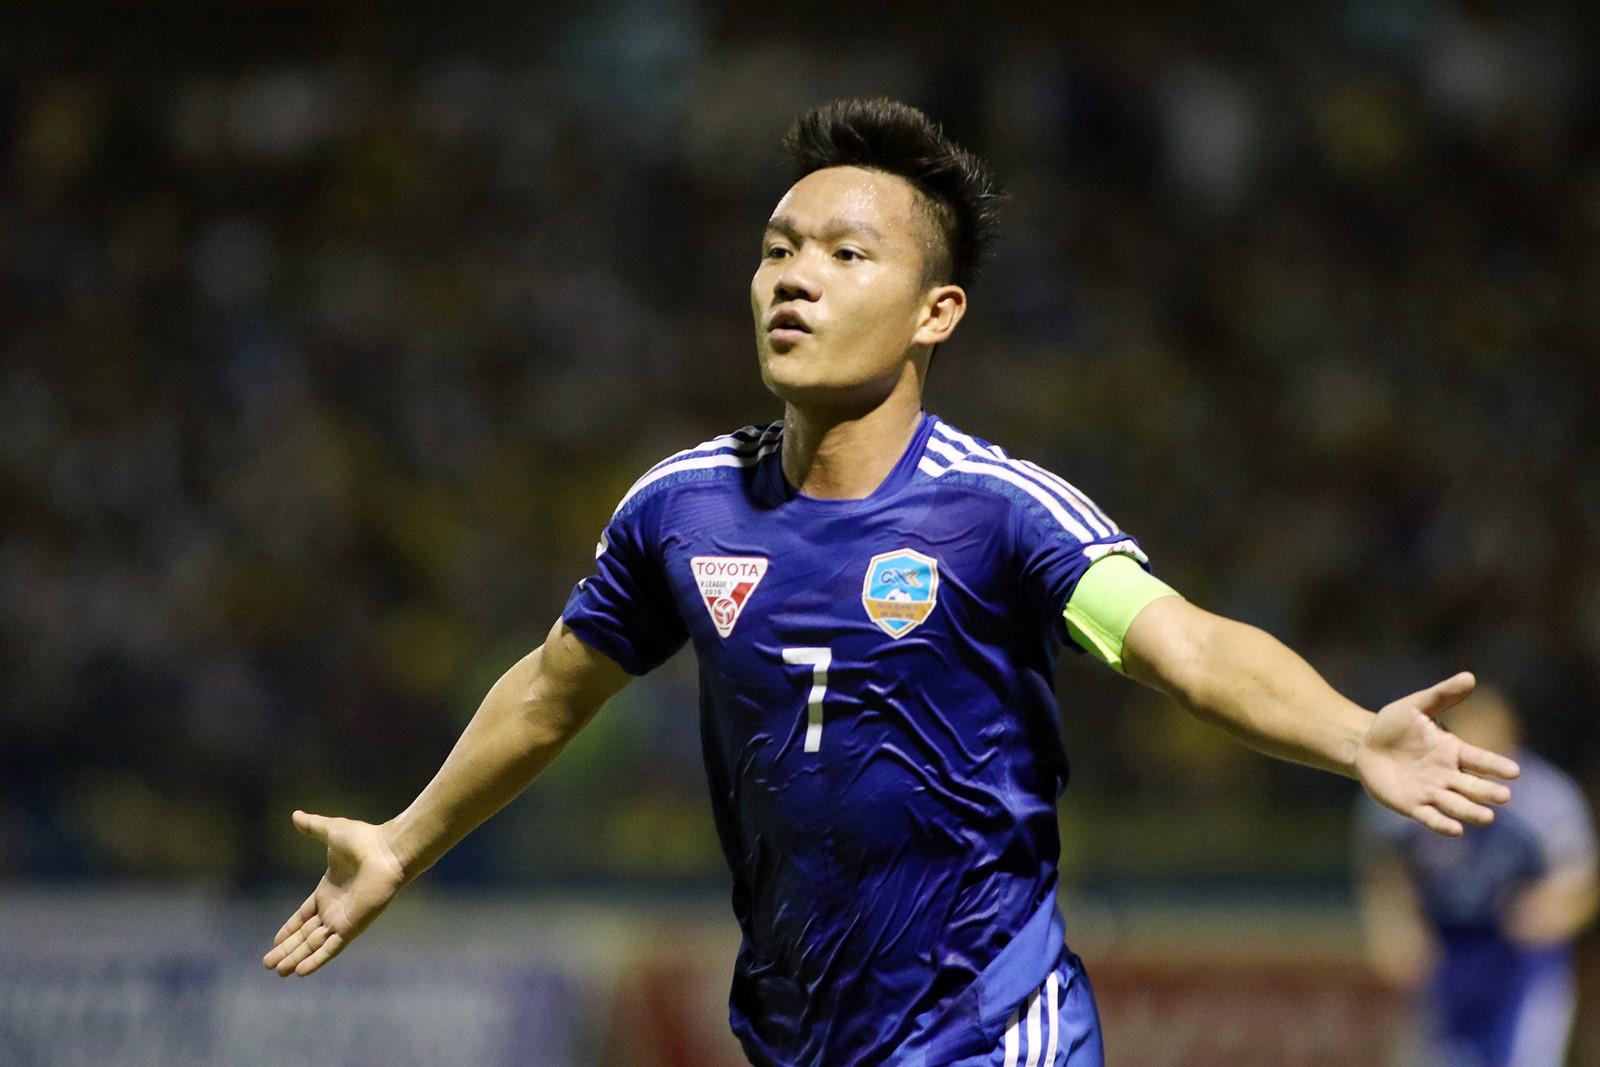 Đinh Thanh Trung trải lòng về quyết định giã từ ĐT Việt Nam   Goal.com